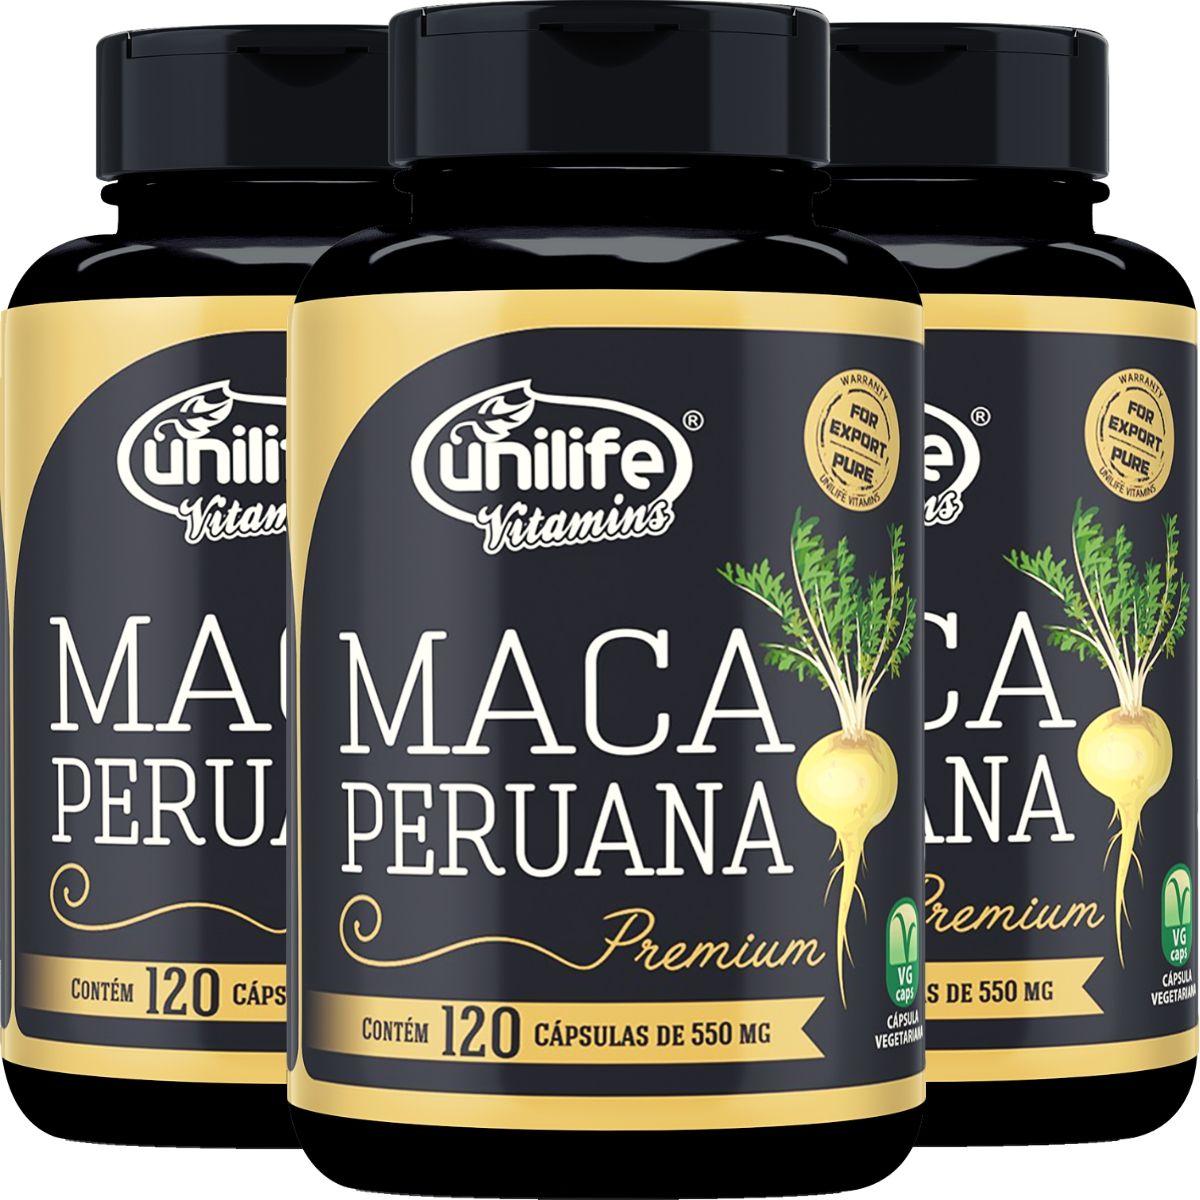 Kit 3 Maca Peruana Unilife Premium Pura 120 Cápsulas - 360 Cápsulas